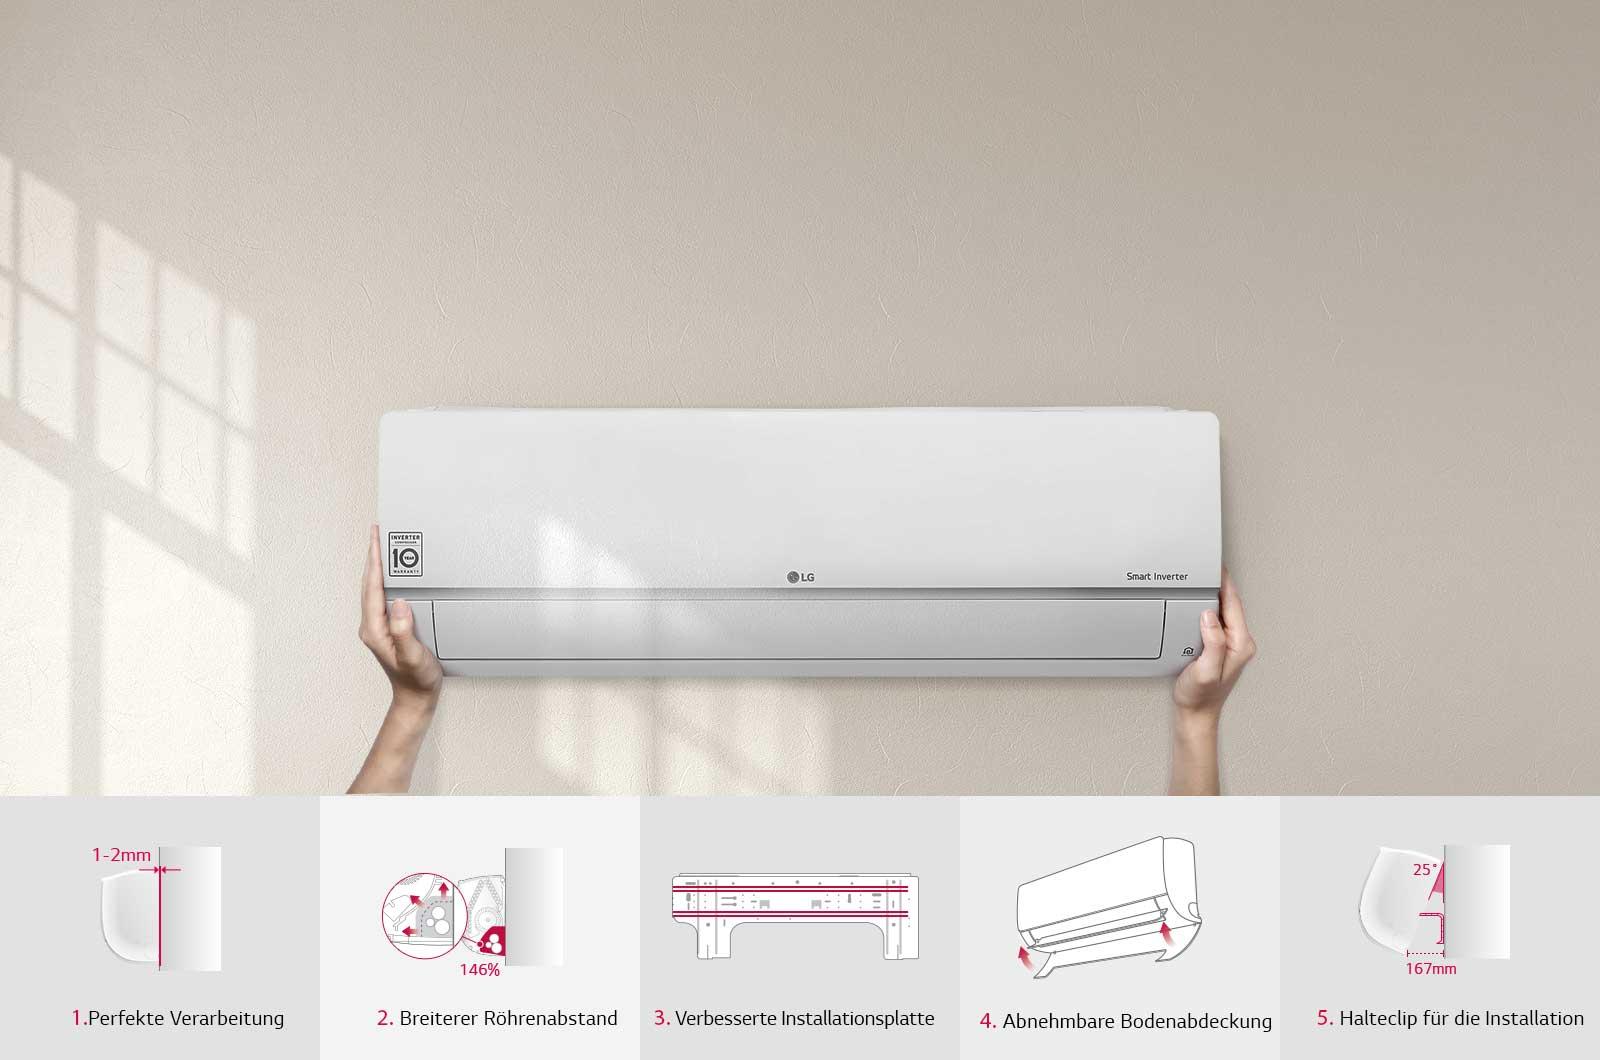 lg smart inverter klima splitger t 6 6 kw standard plus. Black Bedroom Furniture Sets. Home Design Ideas